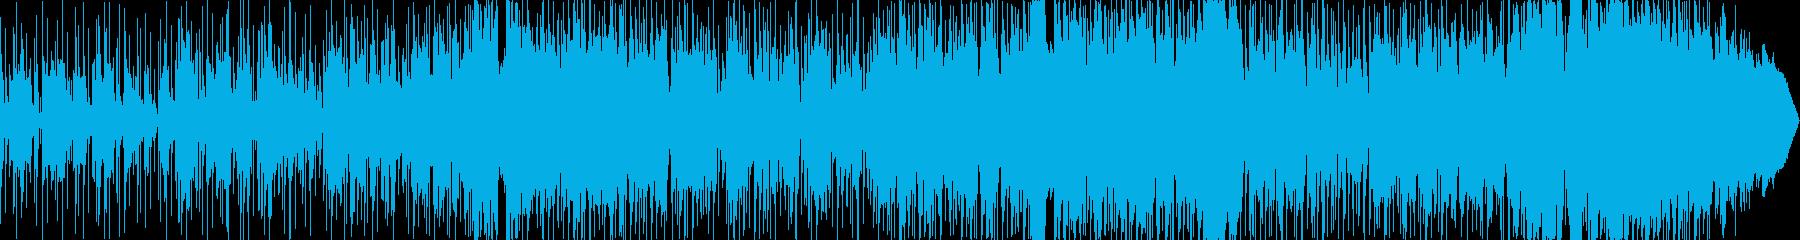 物悲しいスムースジャズ風のバラードの再生済みの波形